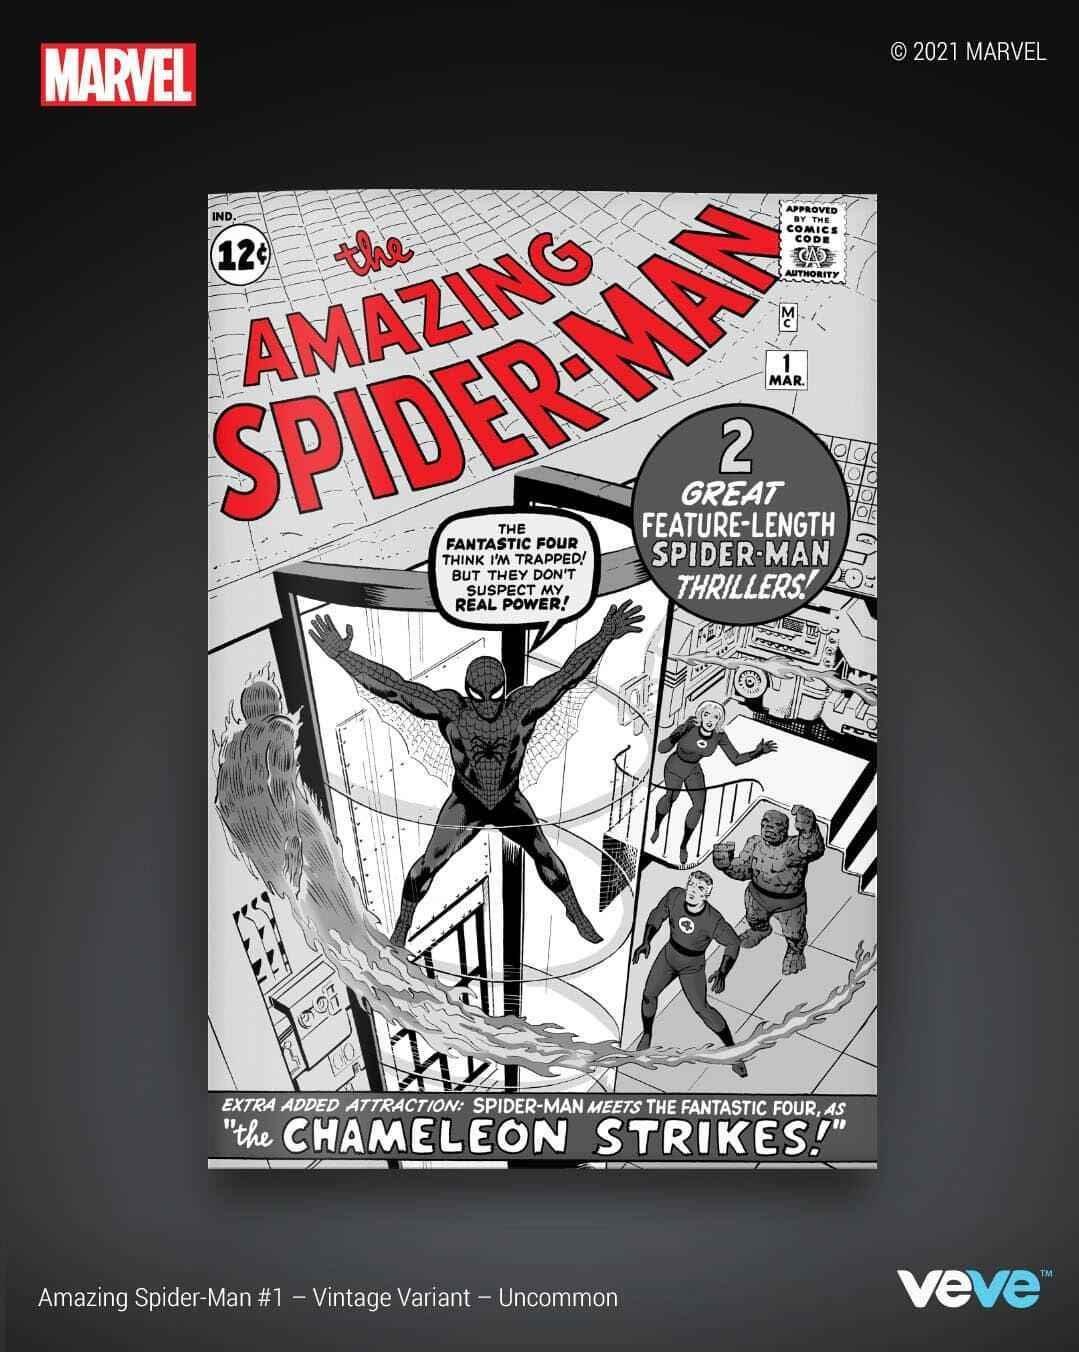 cmc-marvel-amazing-spider-man-01-uncommon-4_5